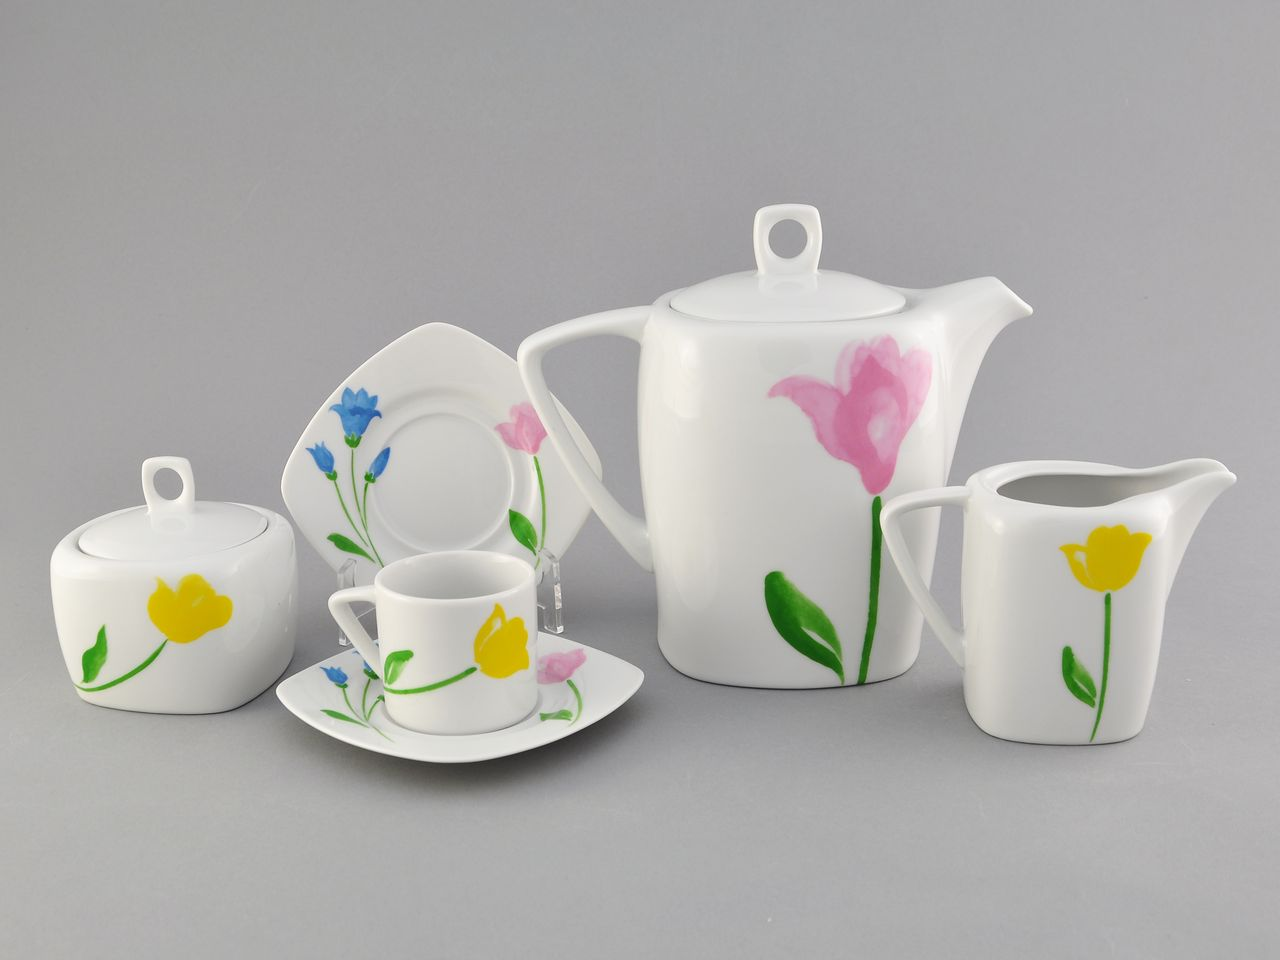 Фото Сервиз кофейный 15 предметов на 6 персон, чашки 100 мл, Форма Бьянка Тюльпан